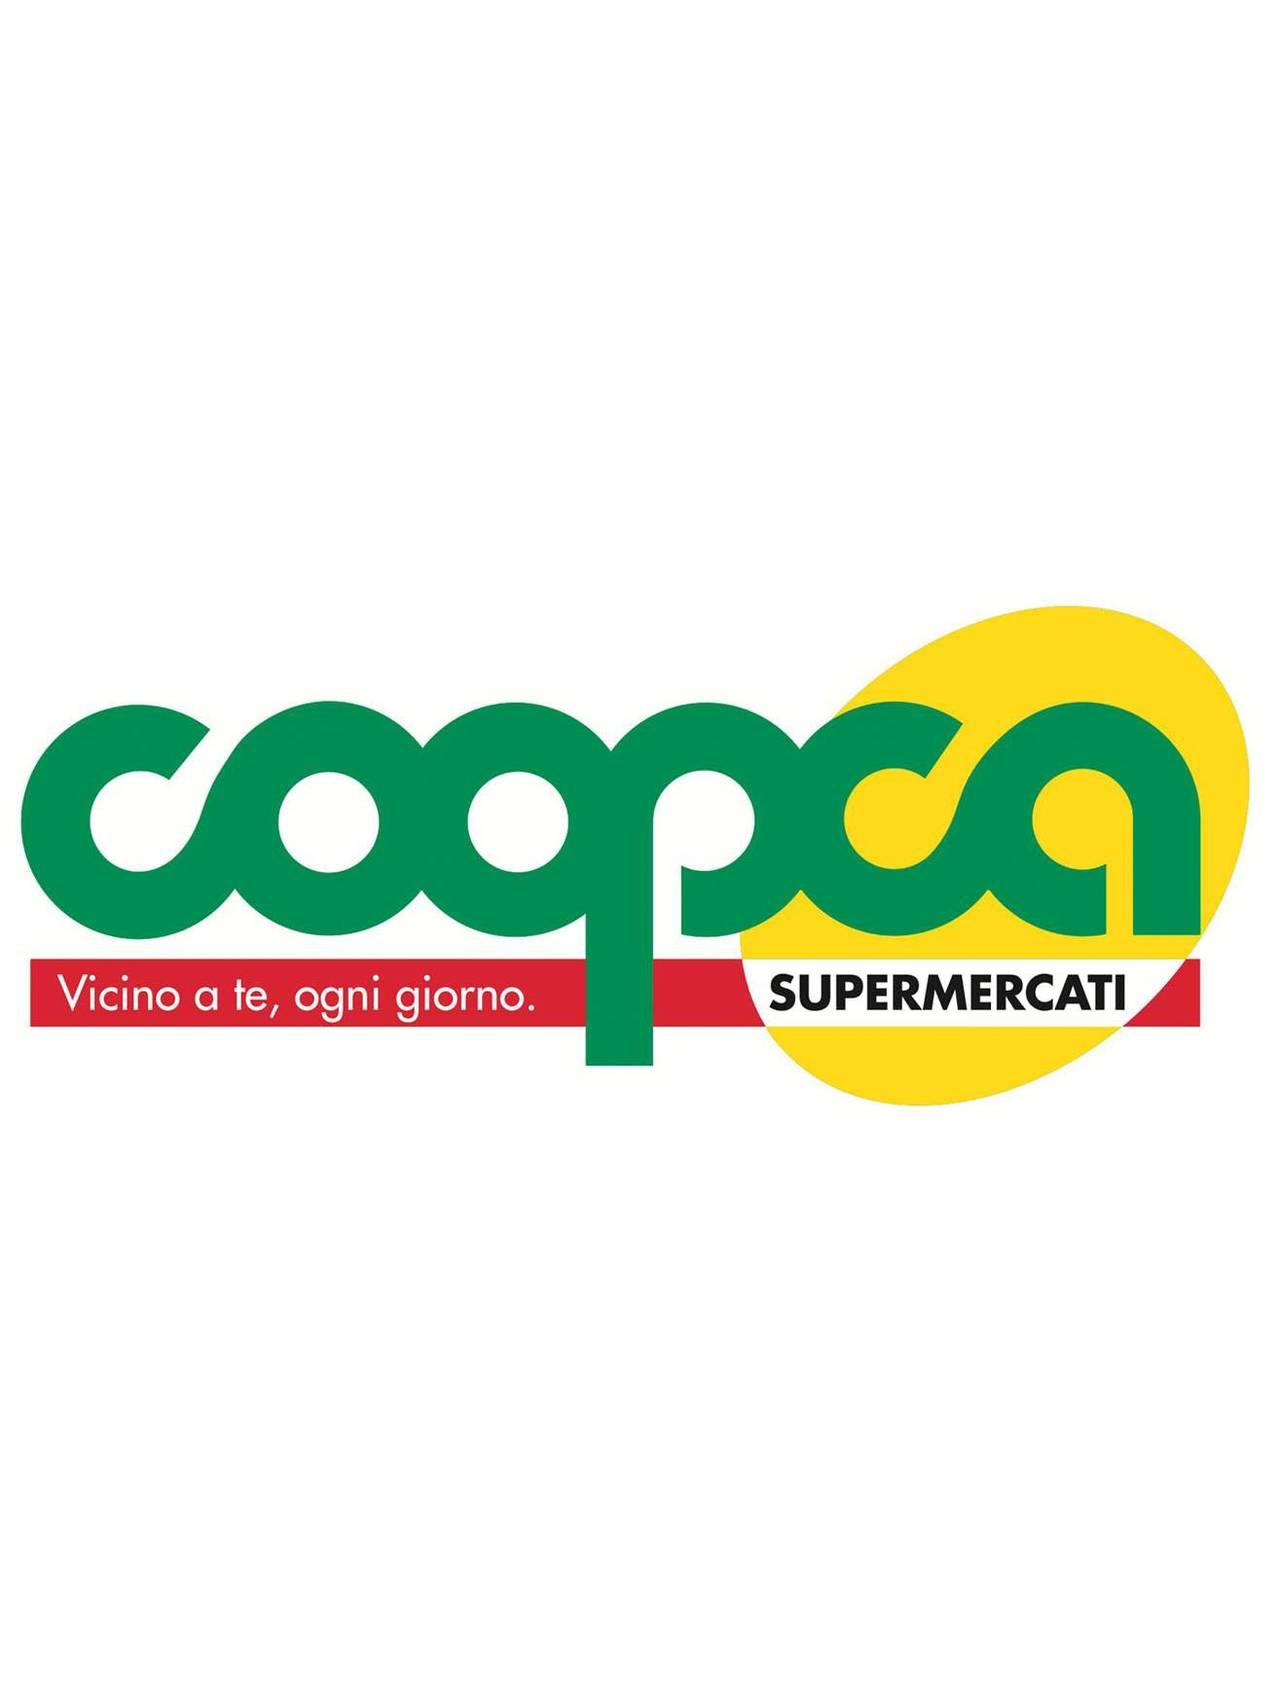 CoopCa